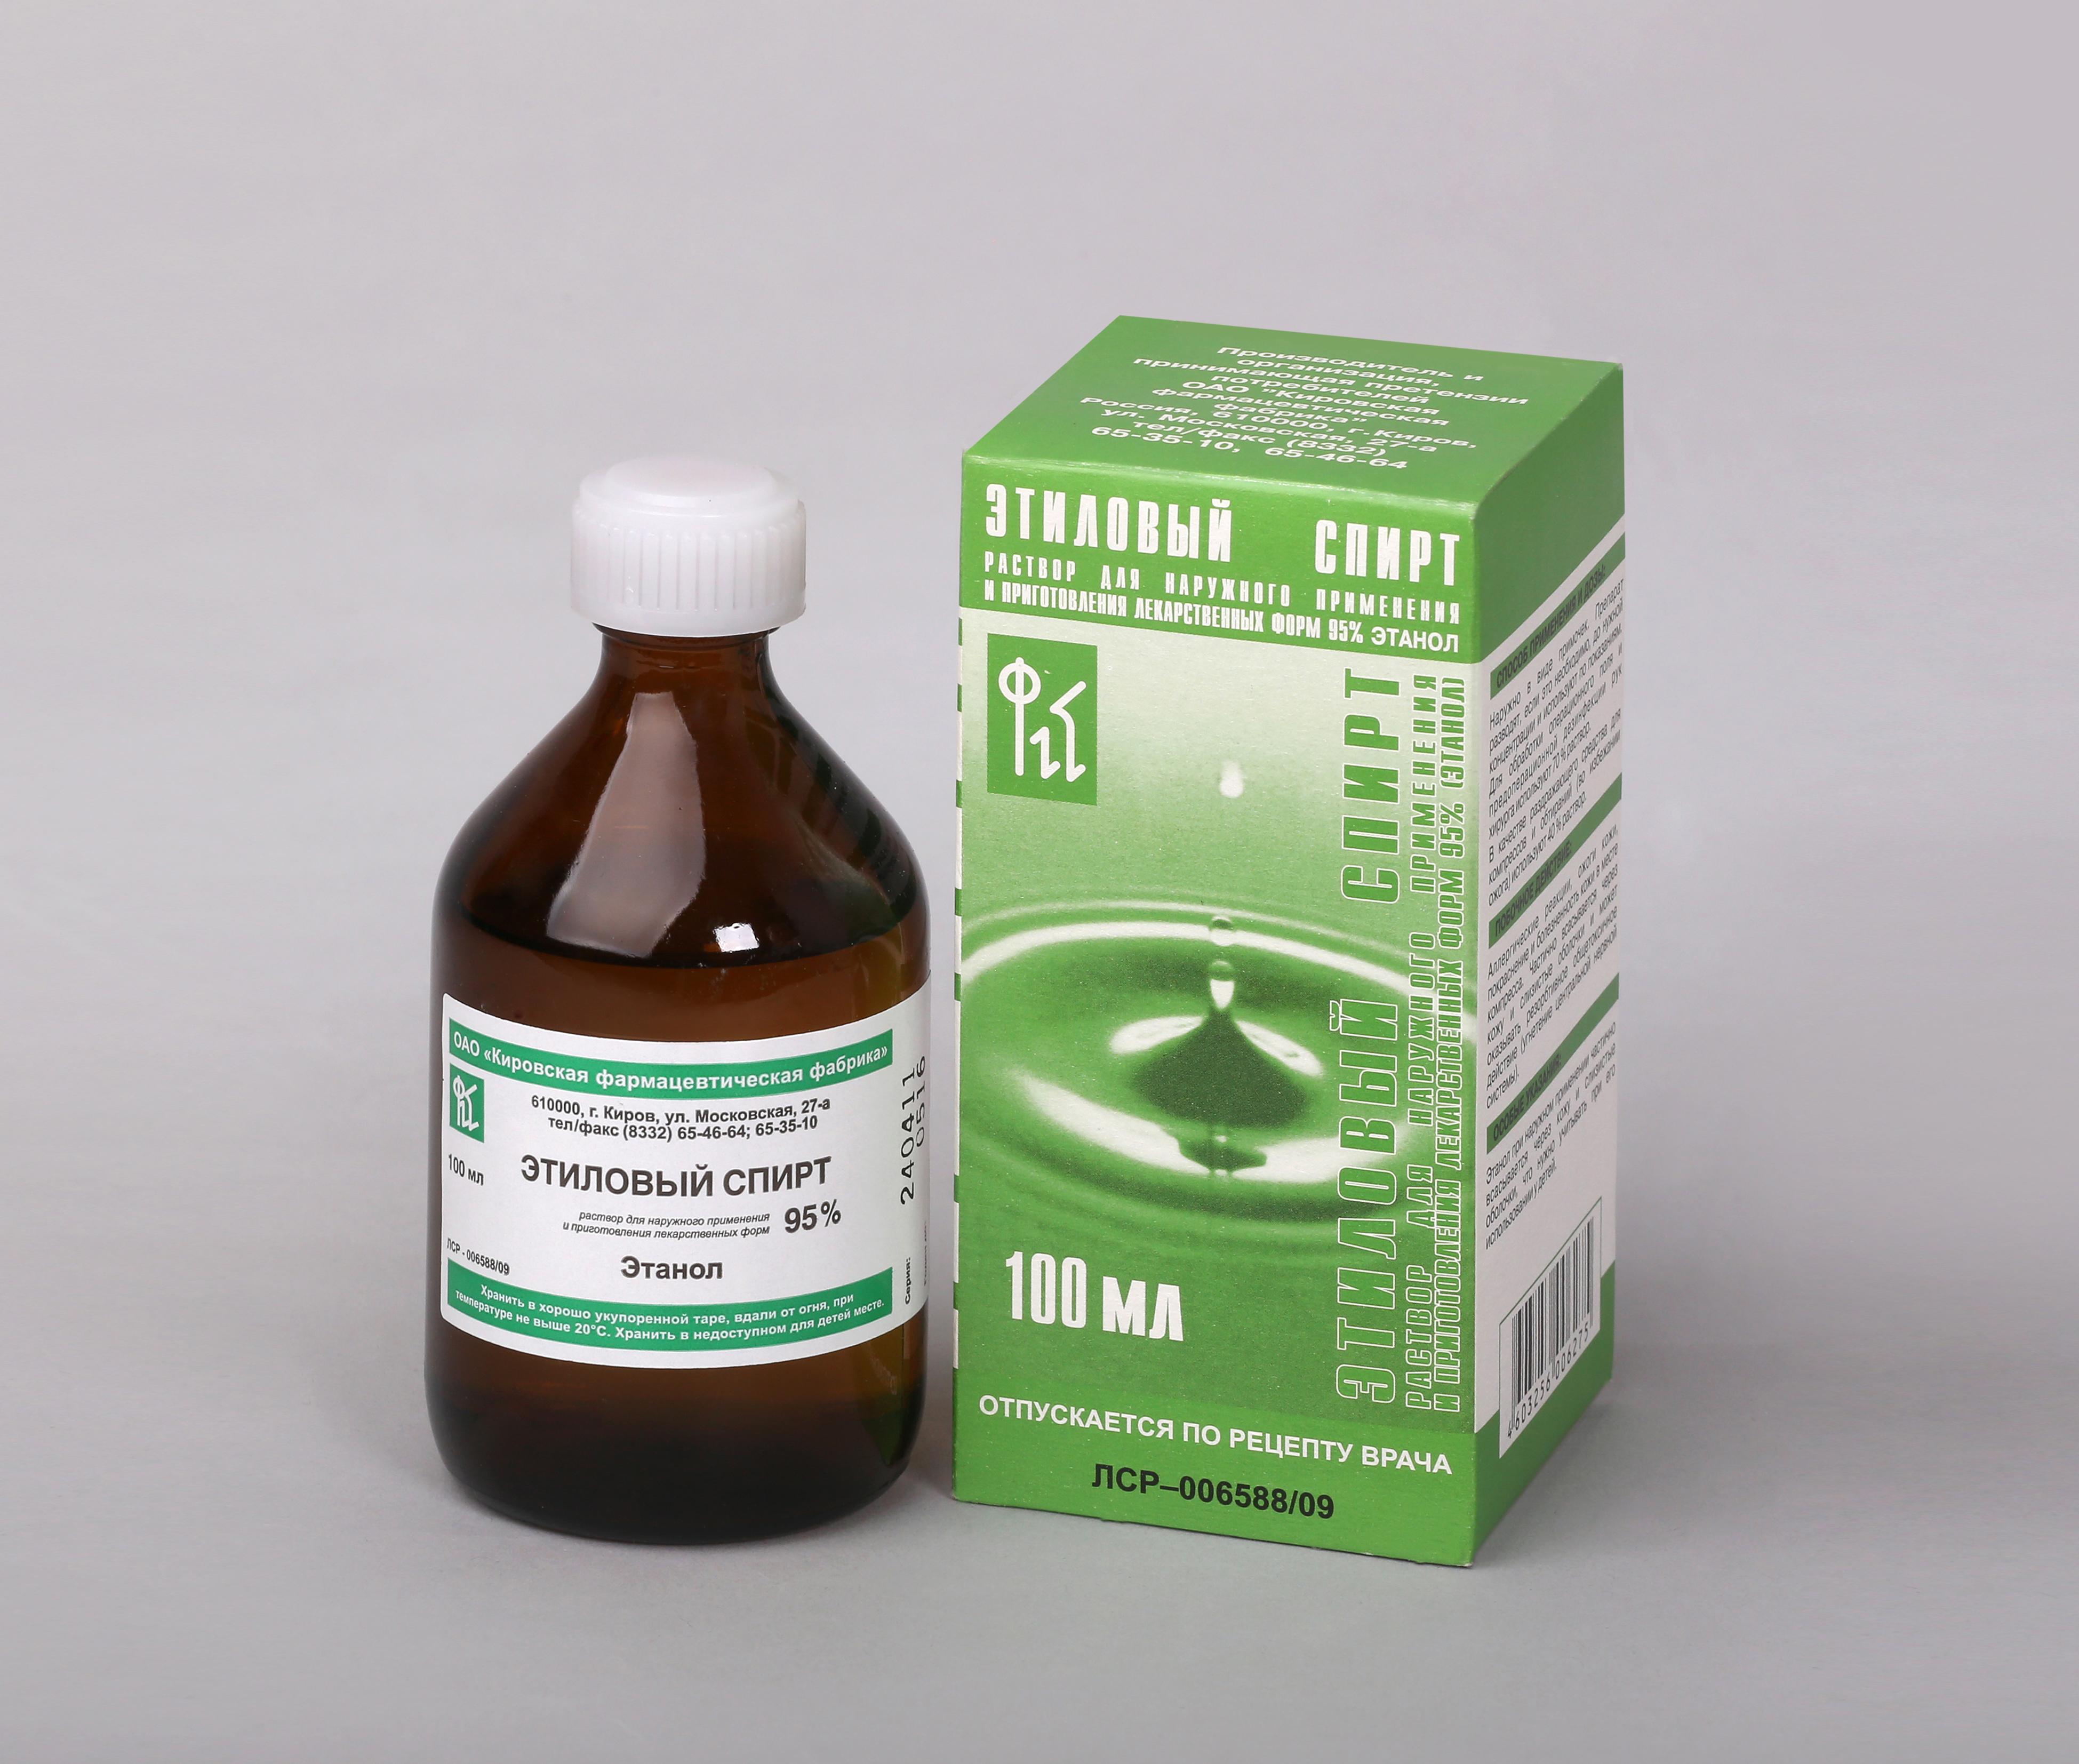 Спирт этиловый 95% 100 мл